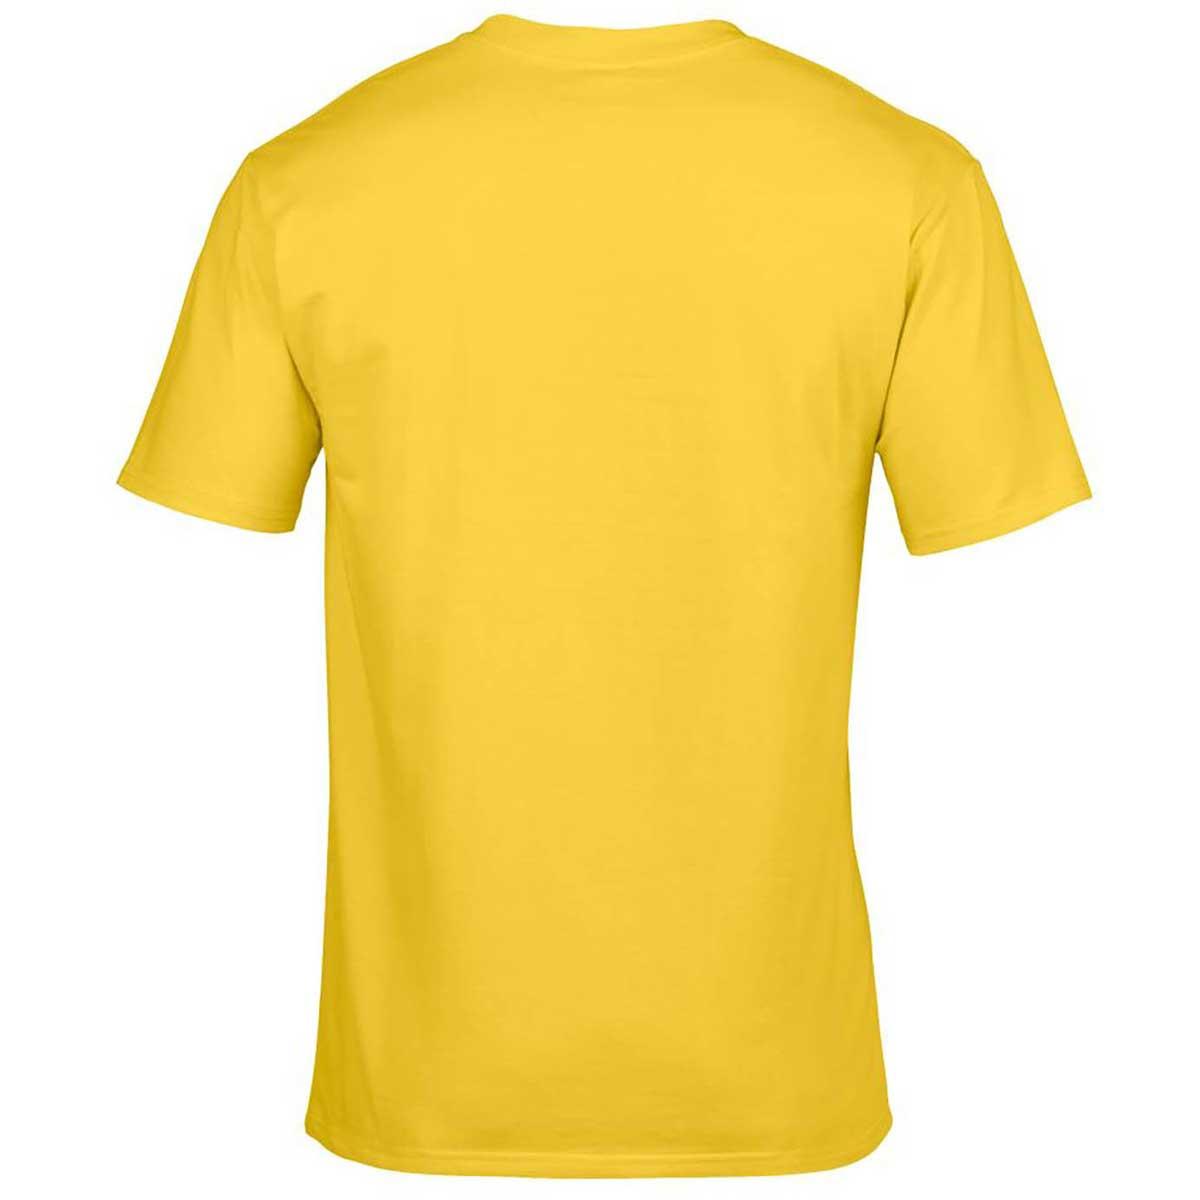 05_gd008_jaune--0-0--6a0560b7-1039-40a2-adc9-86de8ec4ca4d